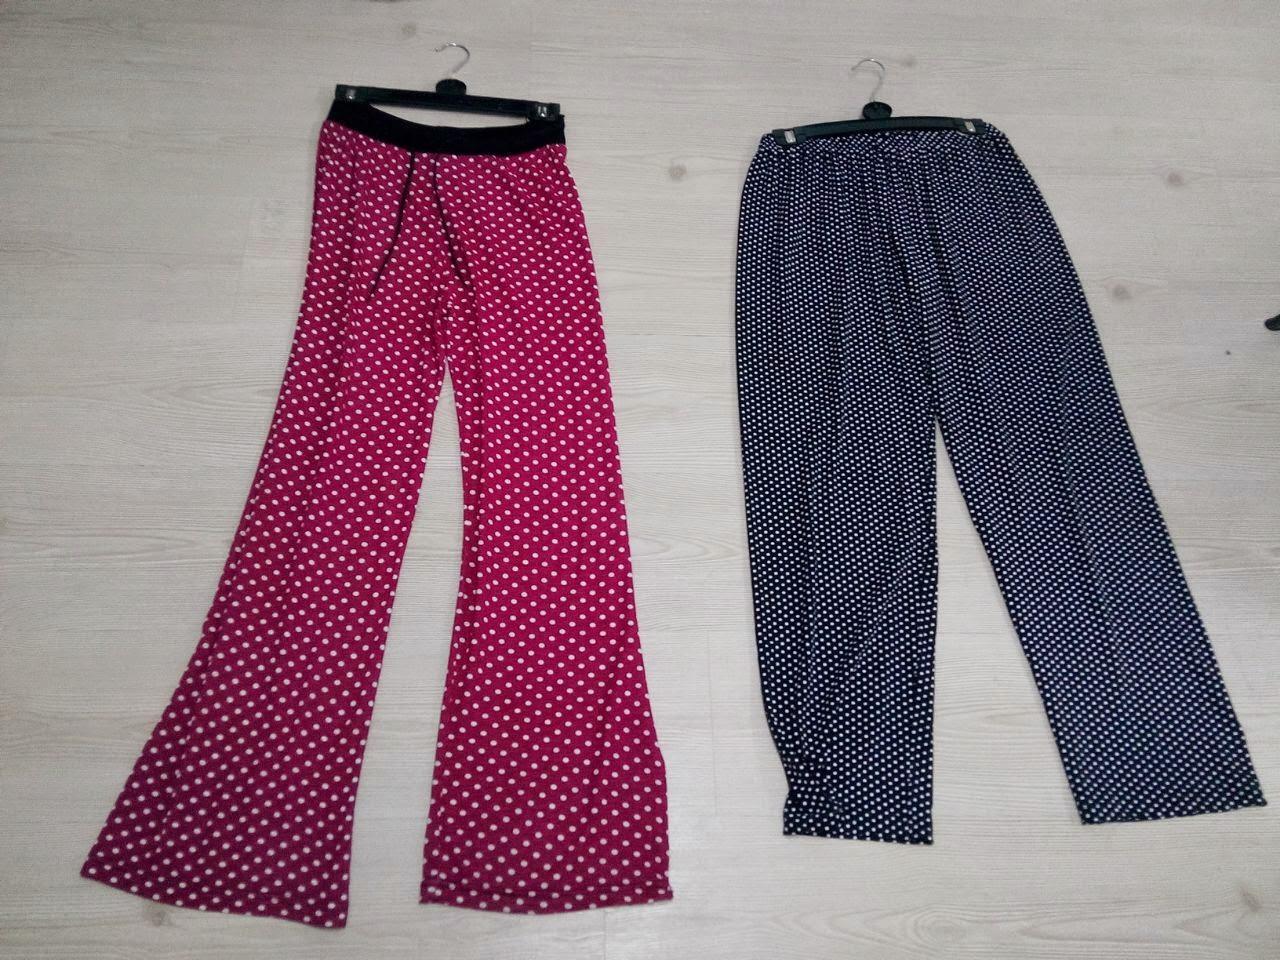 toptan kışlık bayan giyim imalatı yapan tekstil firmaları